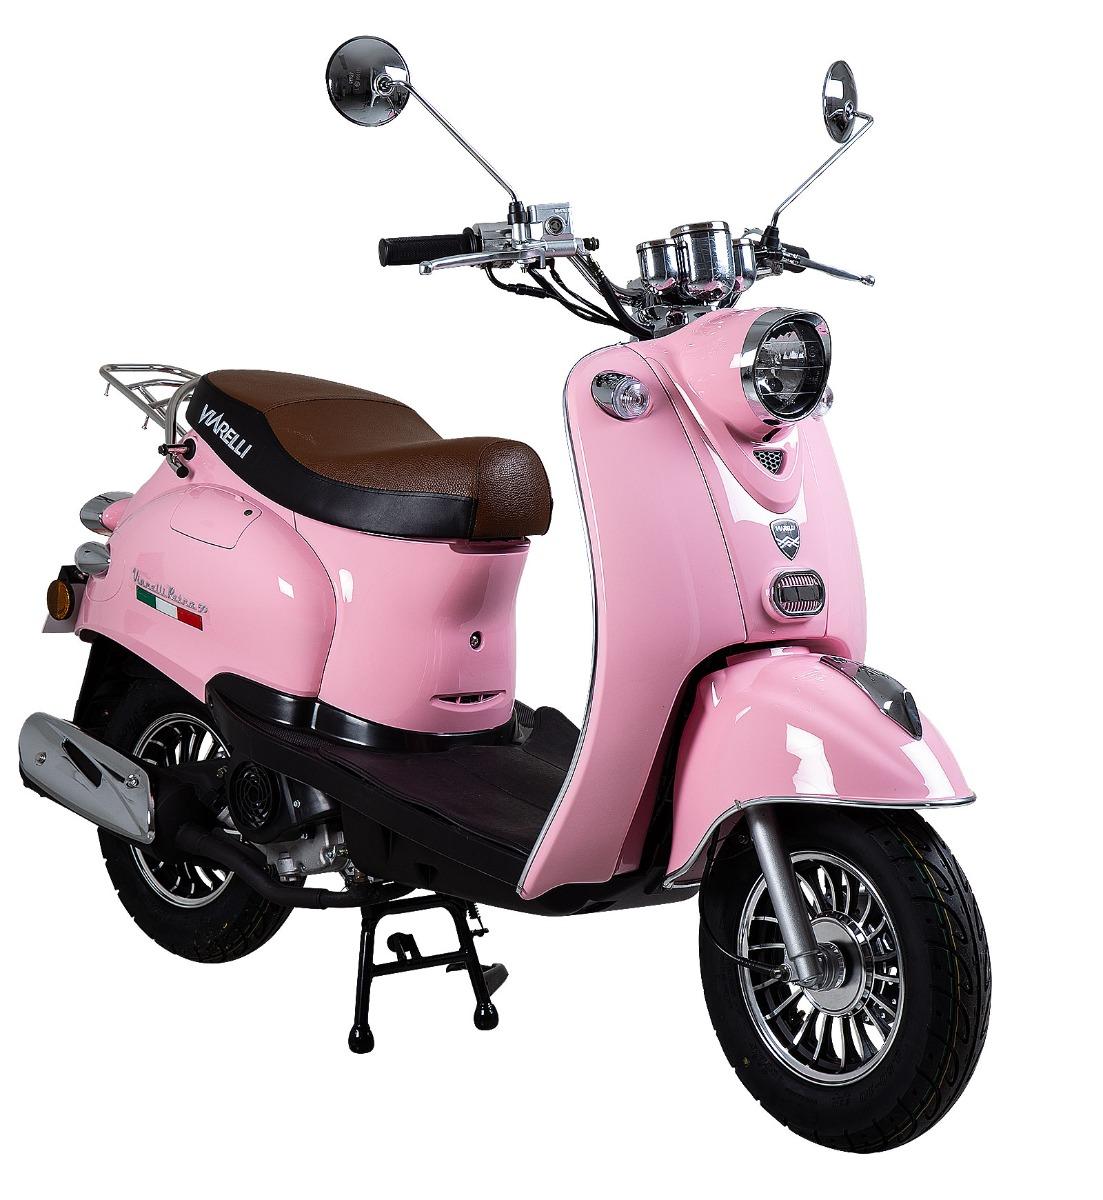 Moped Viarelli Retro Klass 1